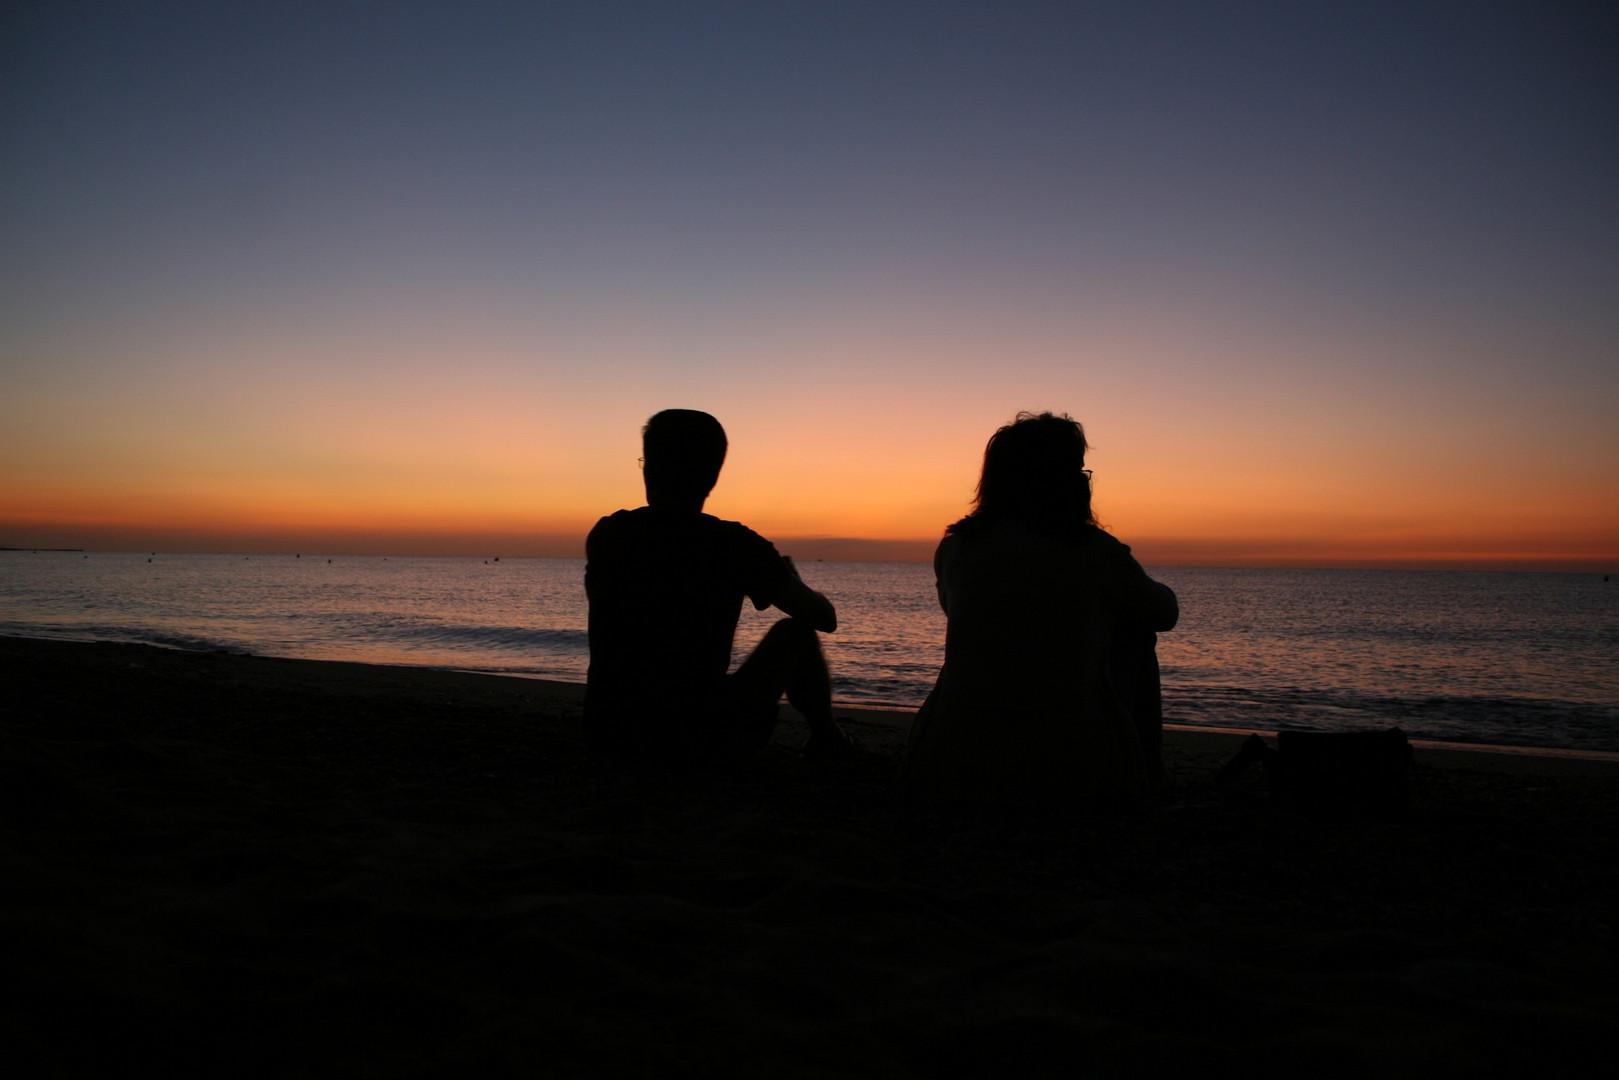 Juego: Jeroglífico romántico - Página 42 Esperando-al-sol-d7a6fd57-375d-4295-b4c4-96f6d5d671b1